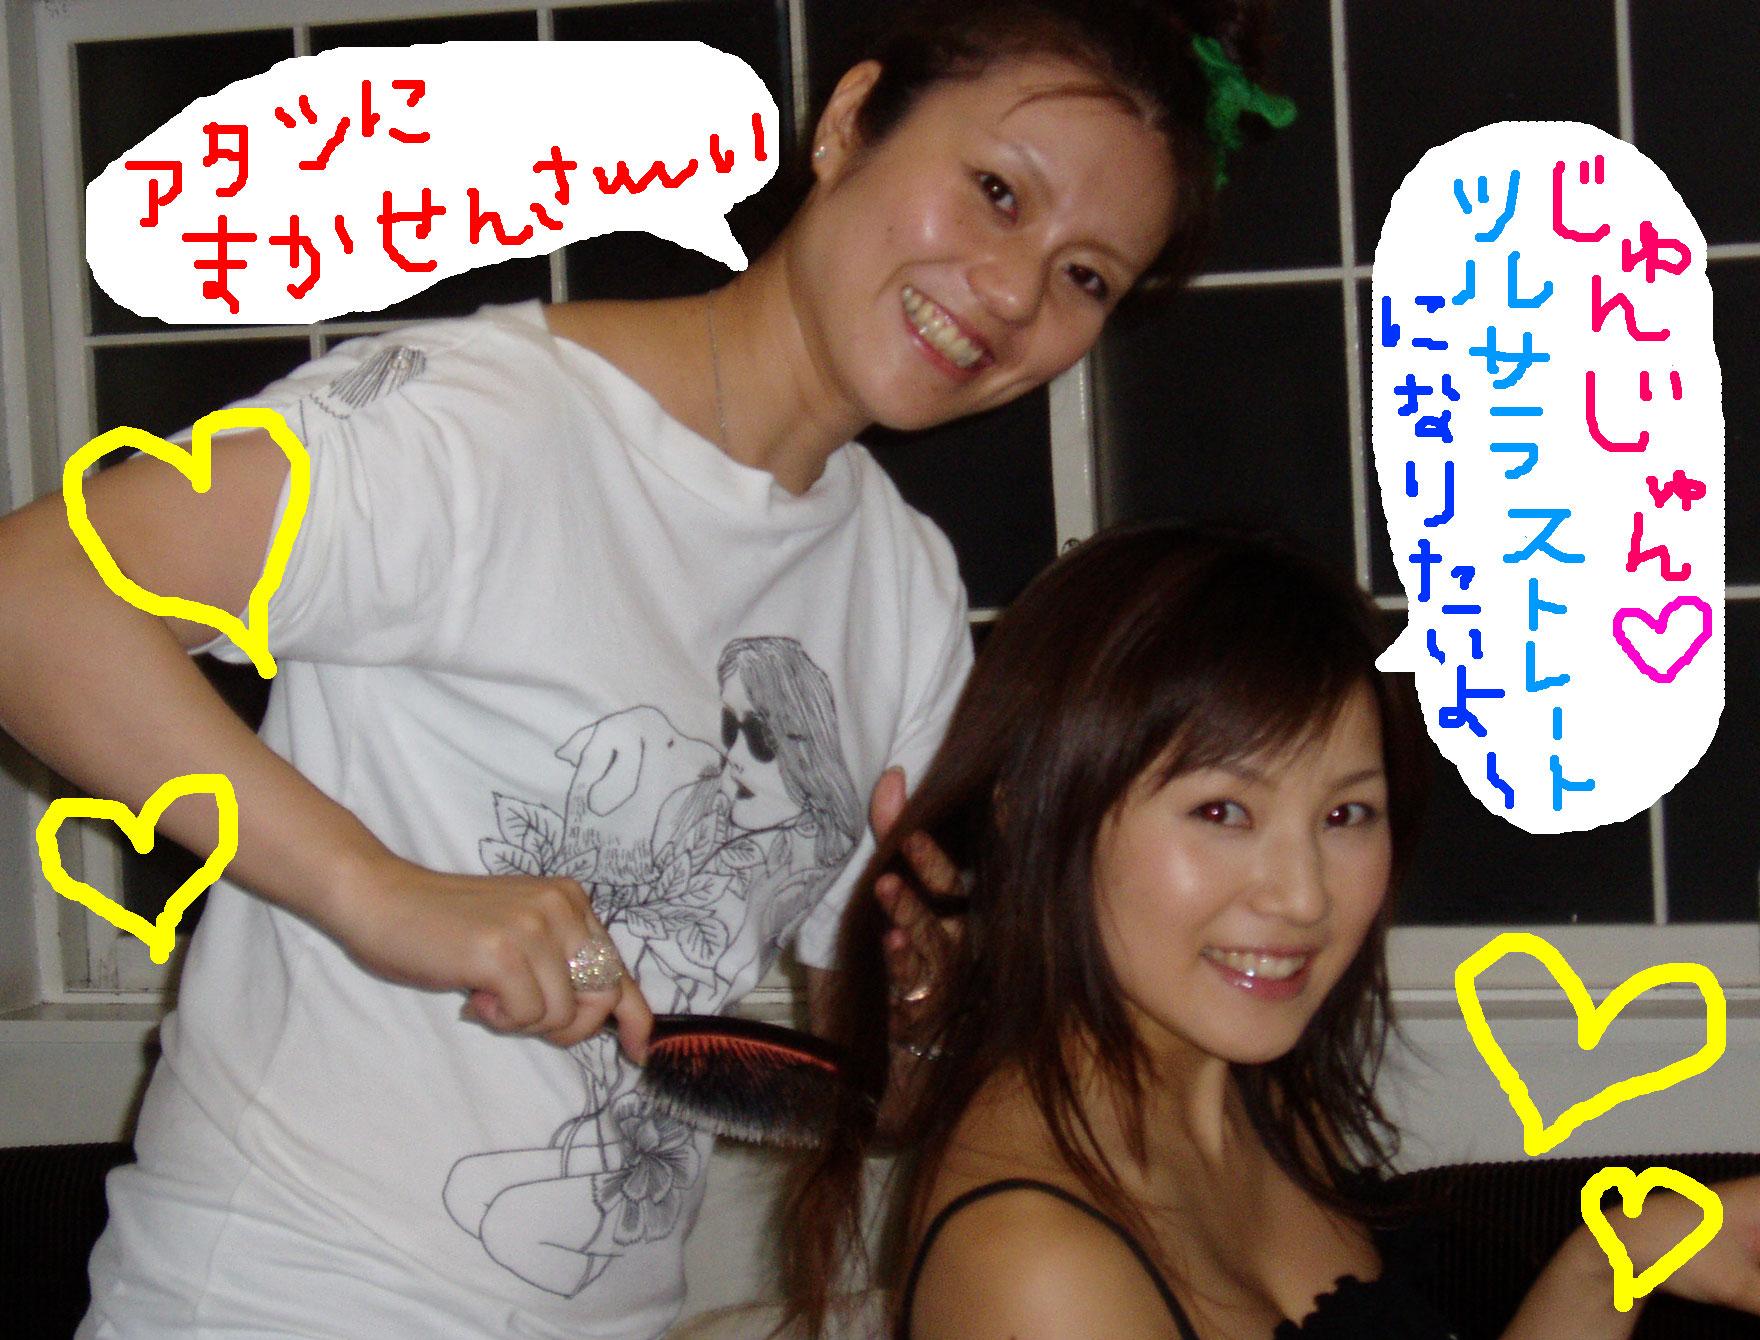 女の子っぽく(≧∀≦)_c0038100_14585886.jpg